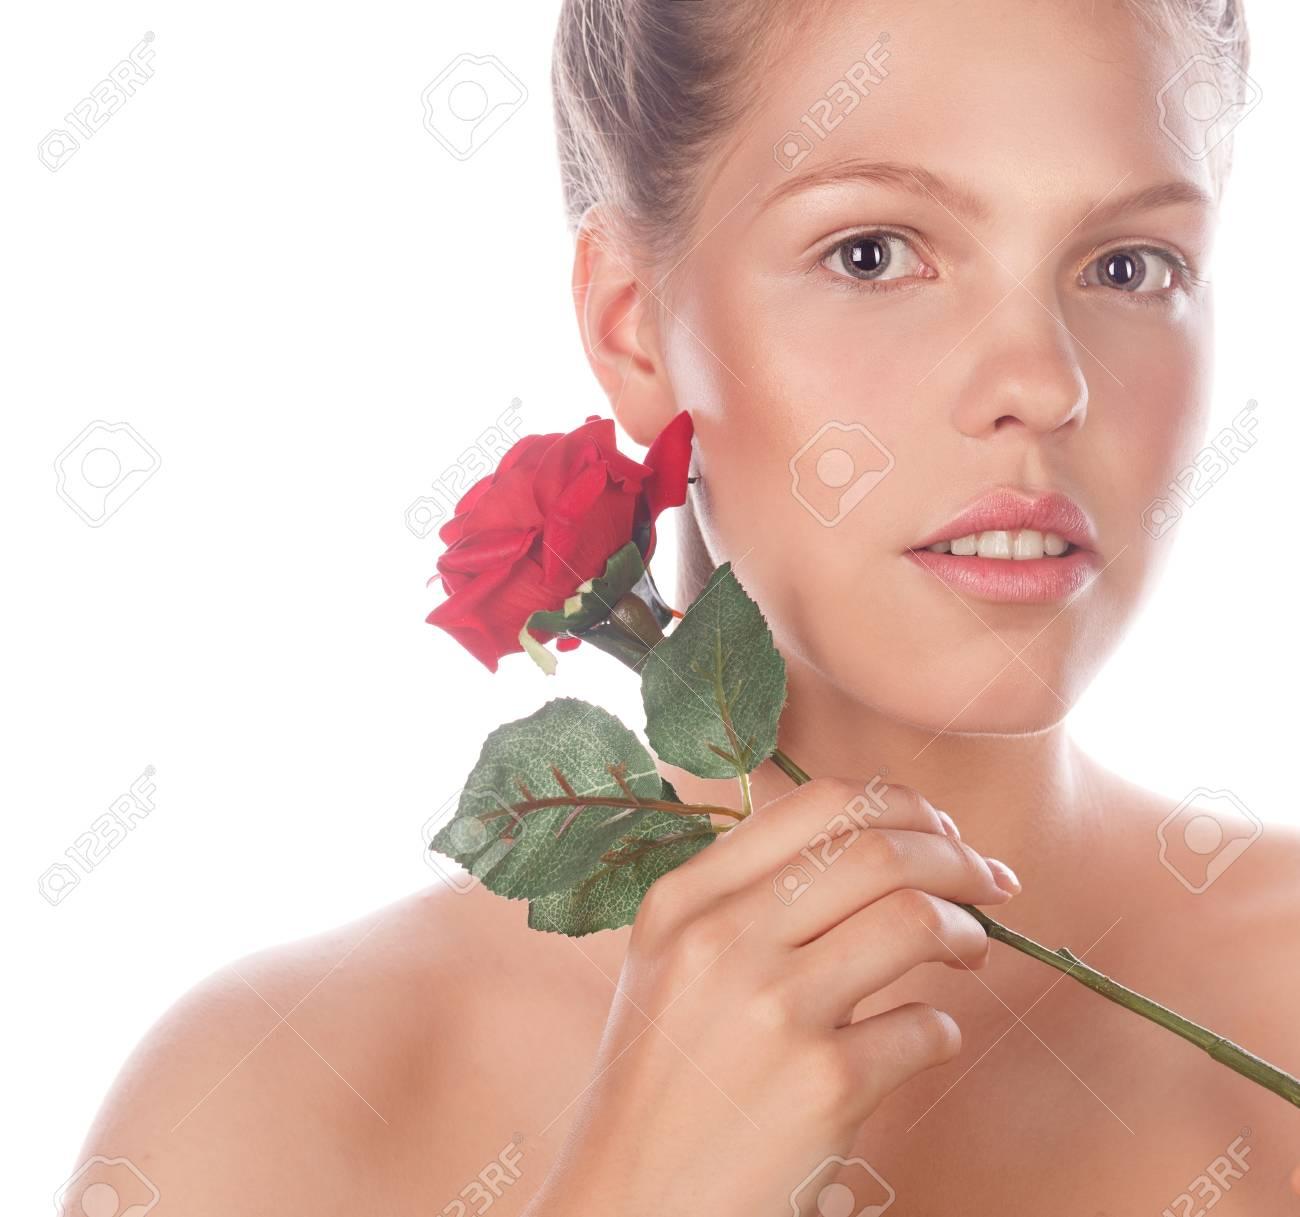 adolescent nud fille Comment le sexe anal se sent comme